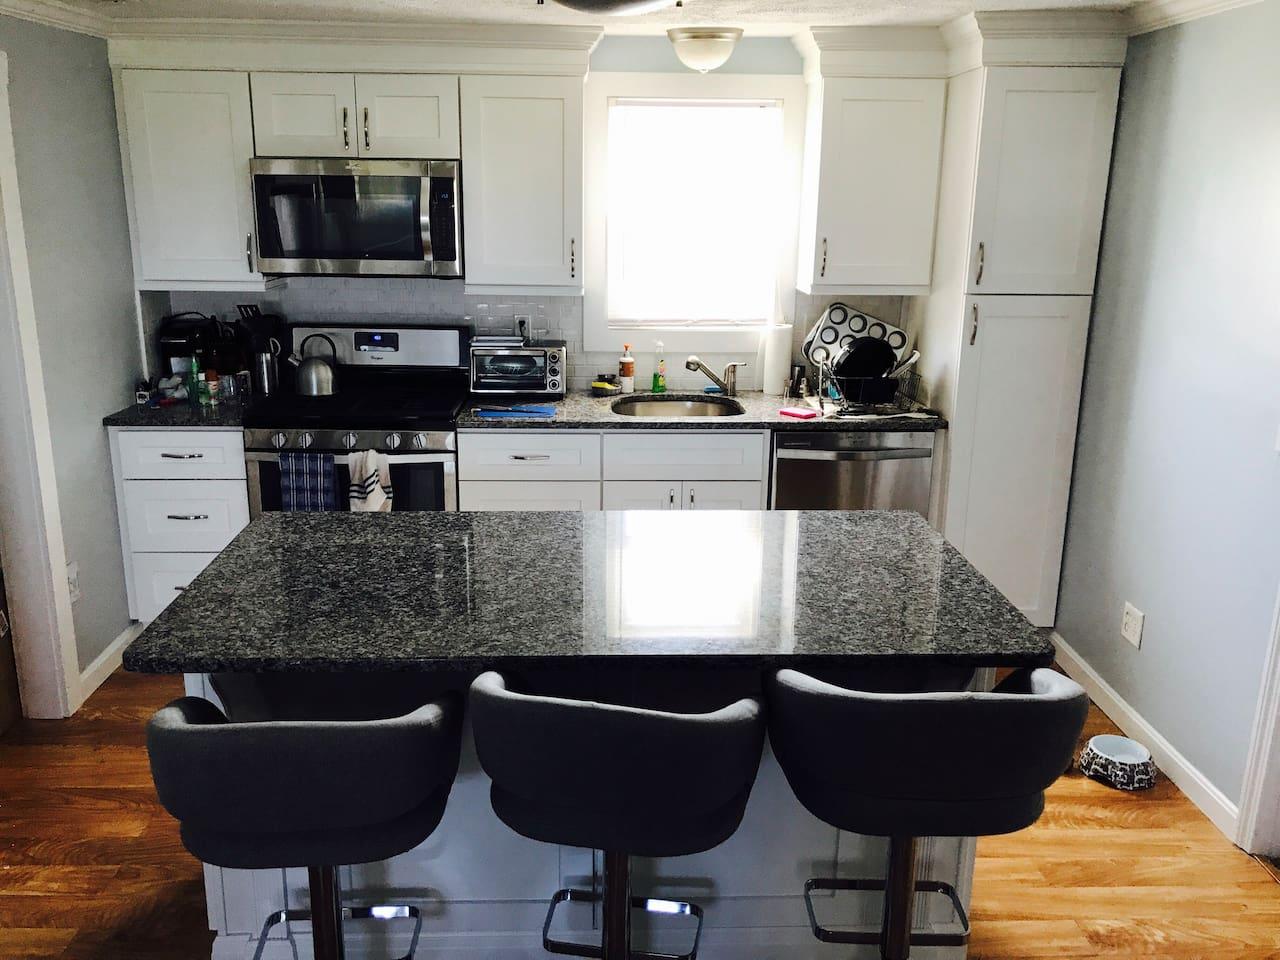 Kitchen, Island and Barstools 8/9